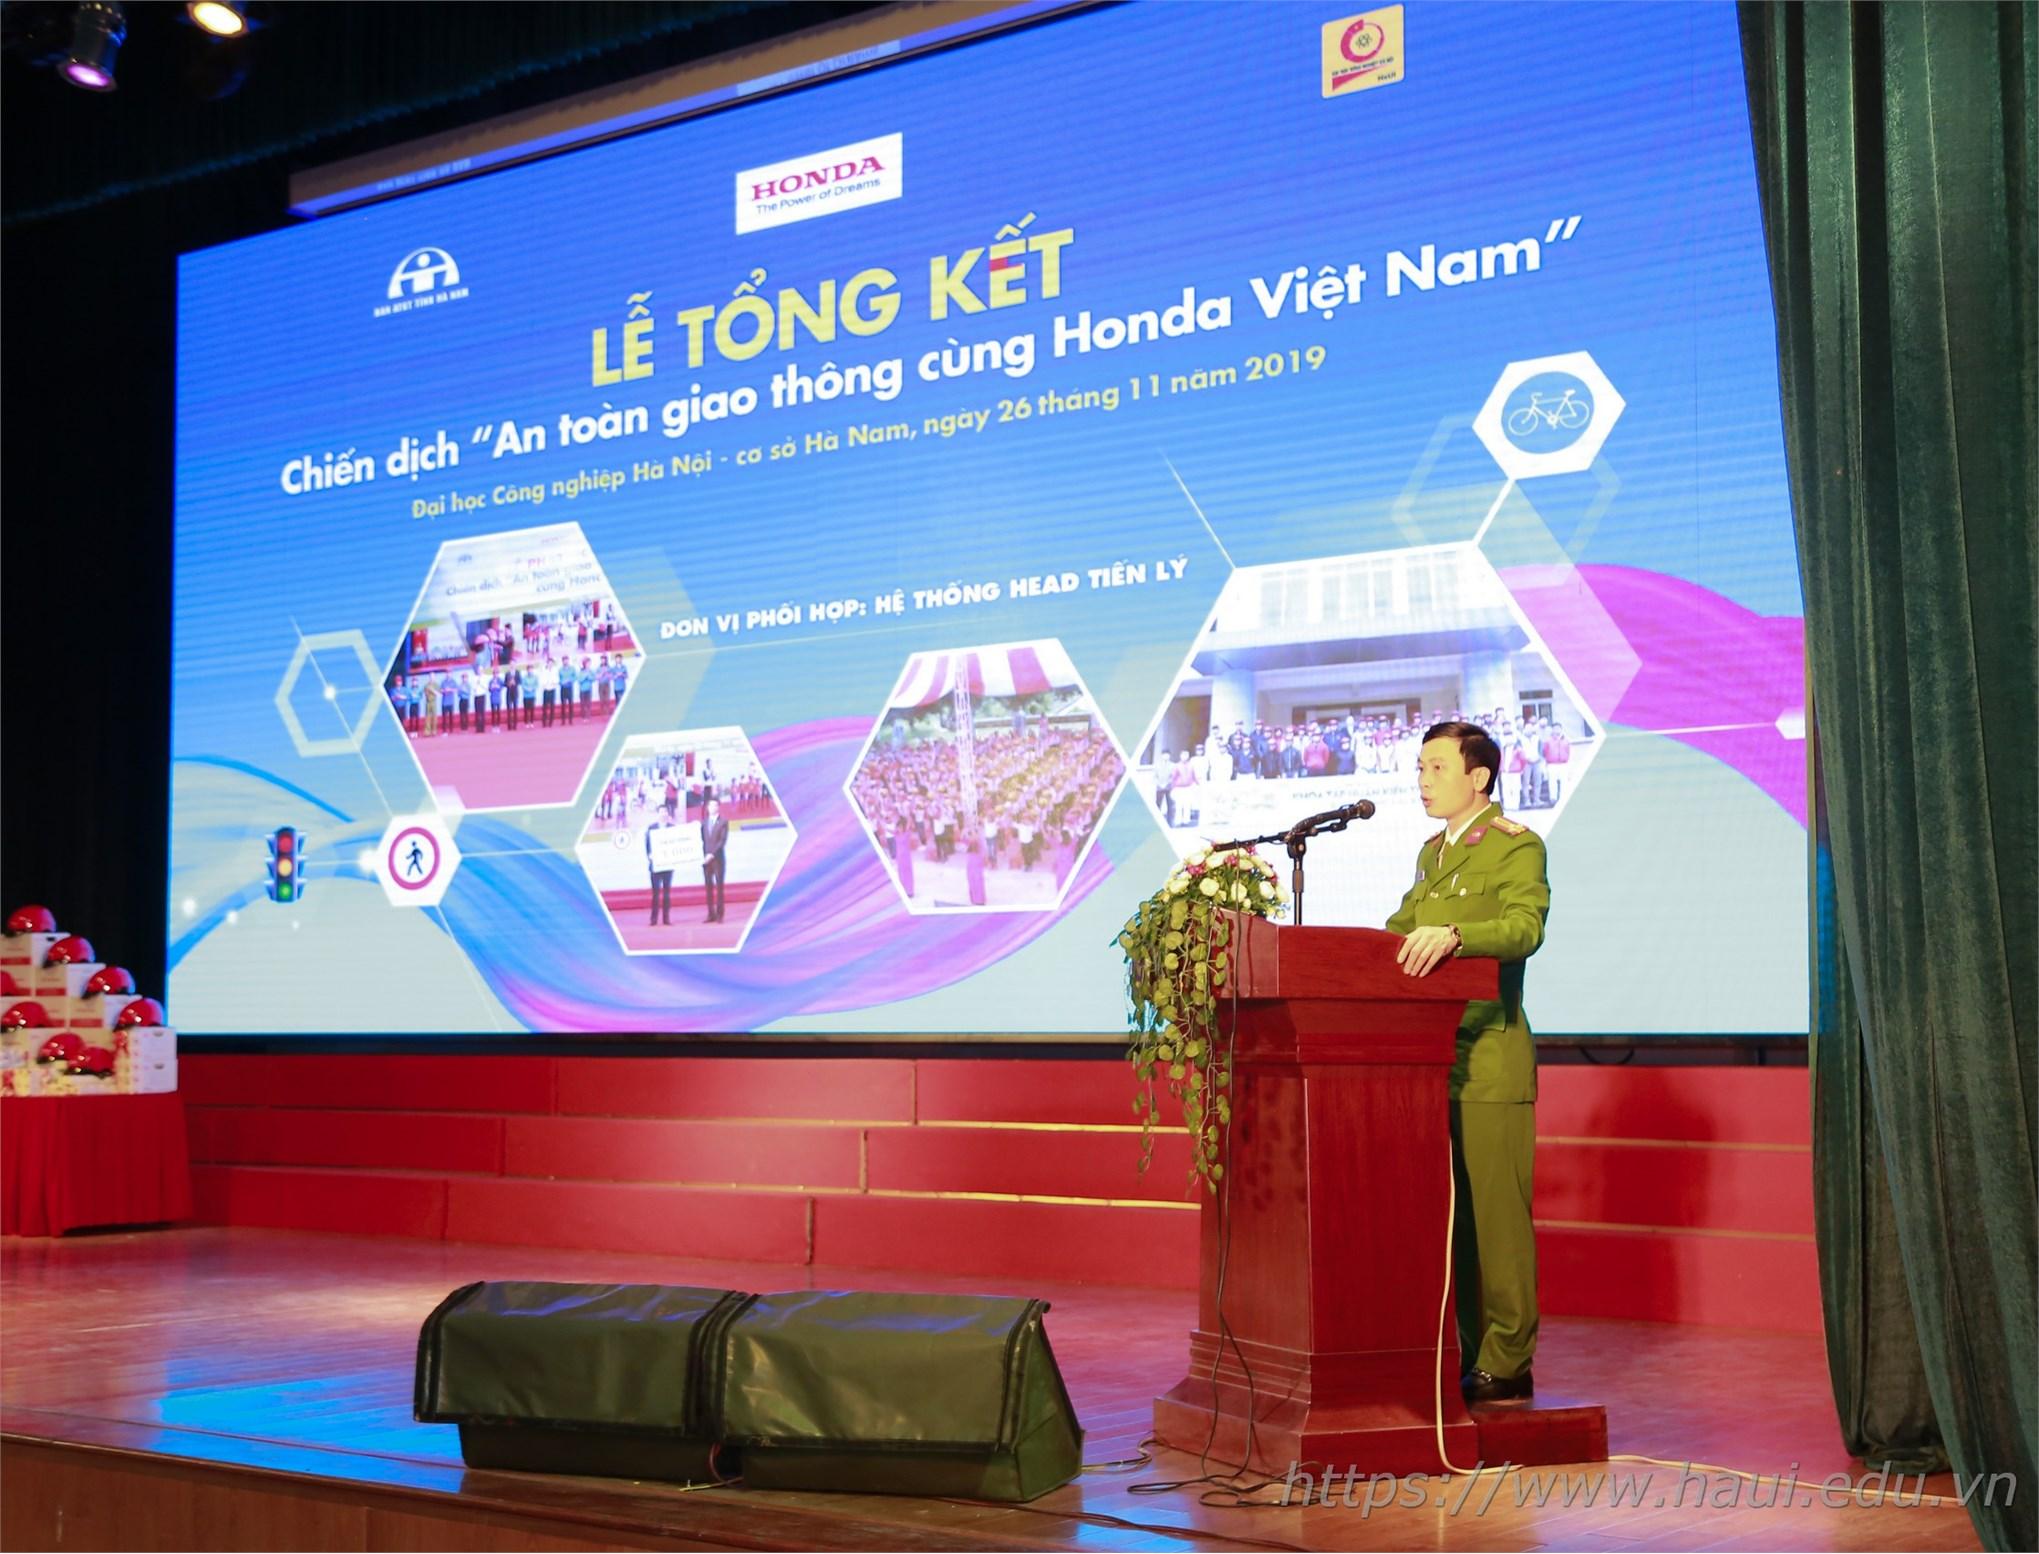 Sinh viên Đại học Công nghiệp Hà Nội hưởng ứng chiến dịch An toàn Giao thông